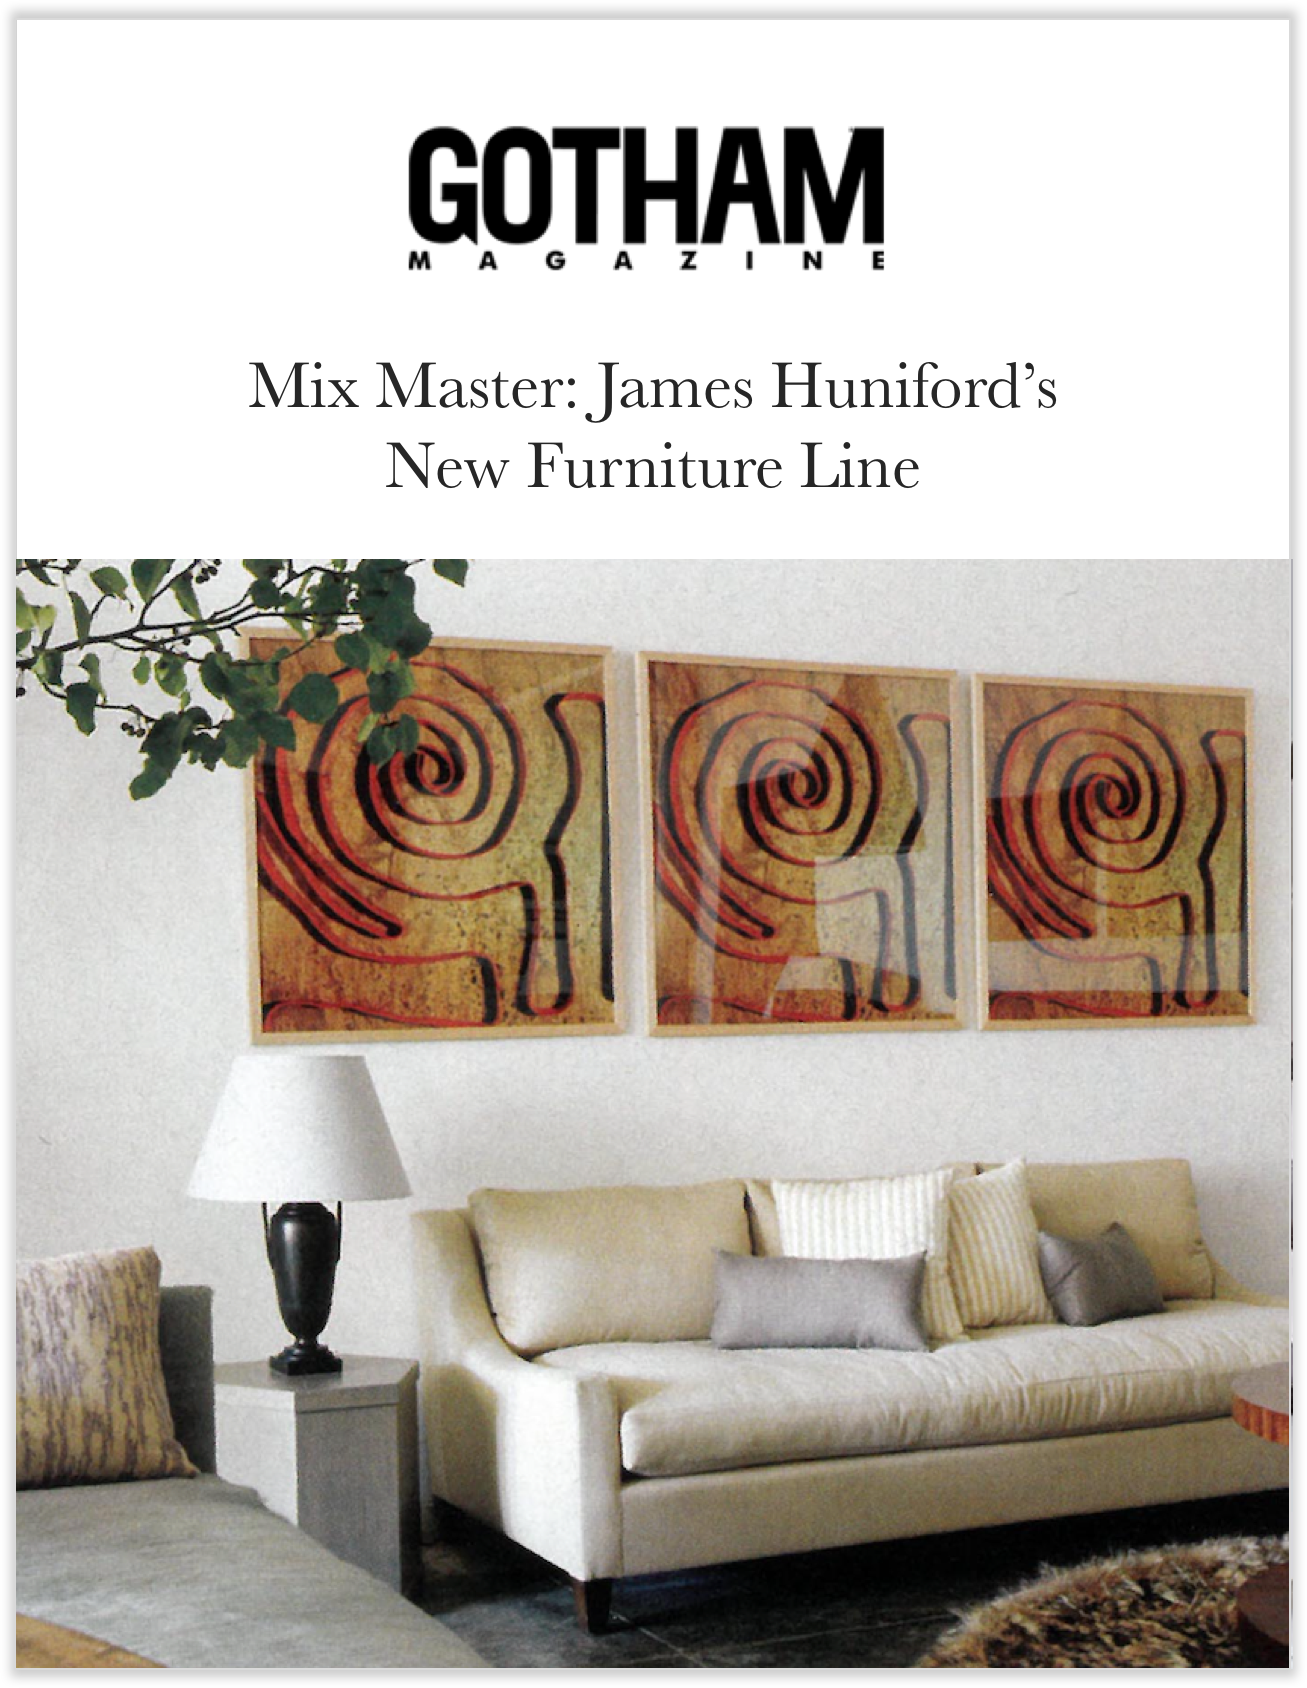 GOTHAM_COVER